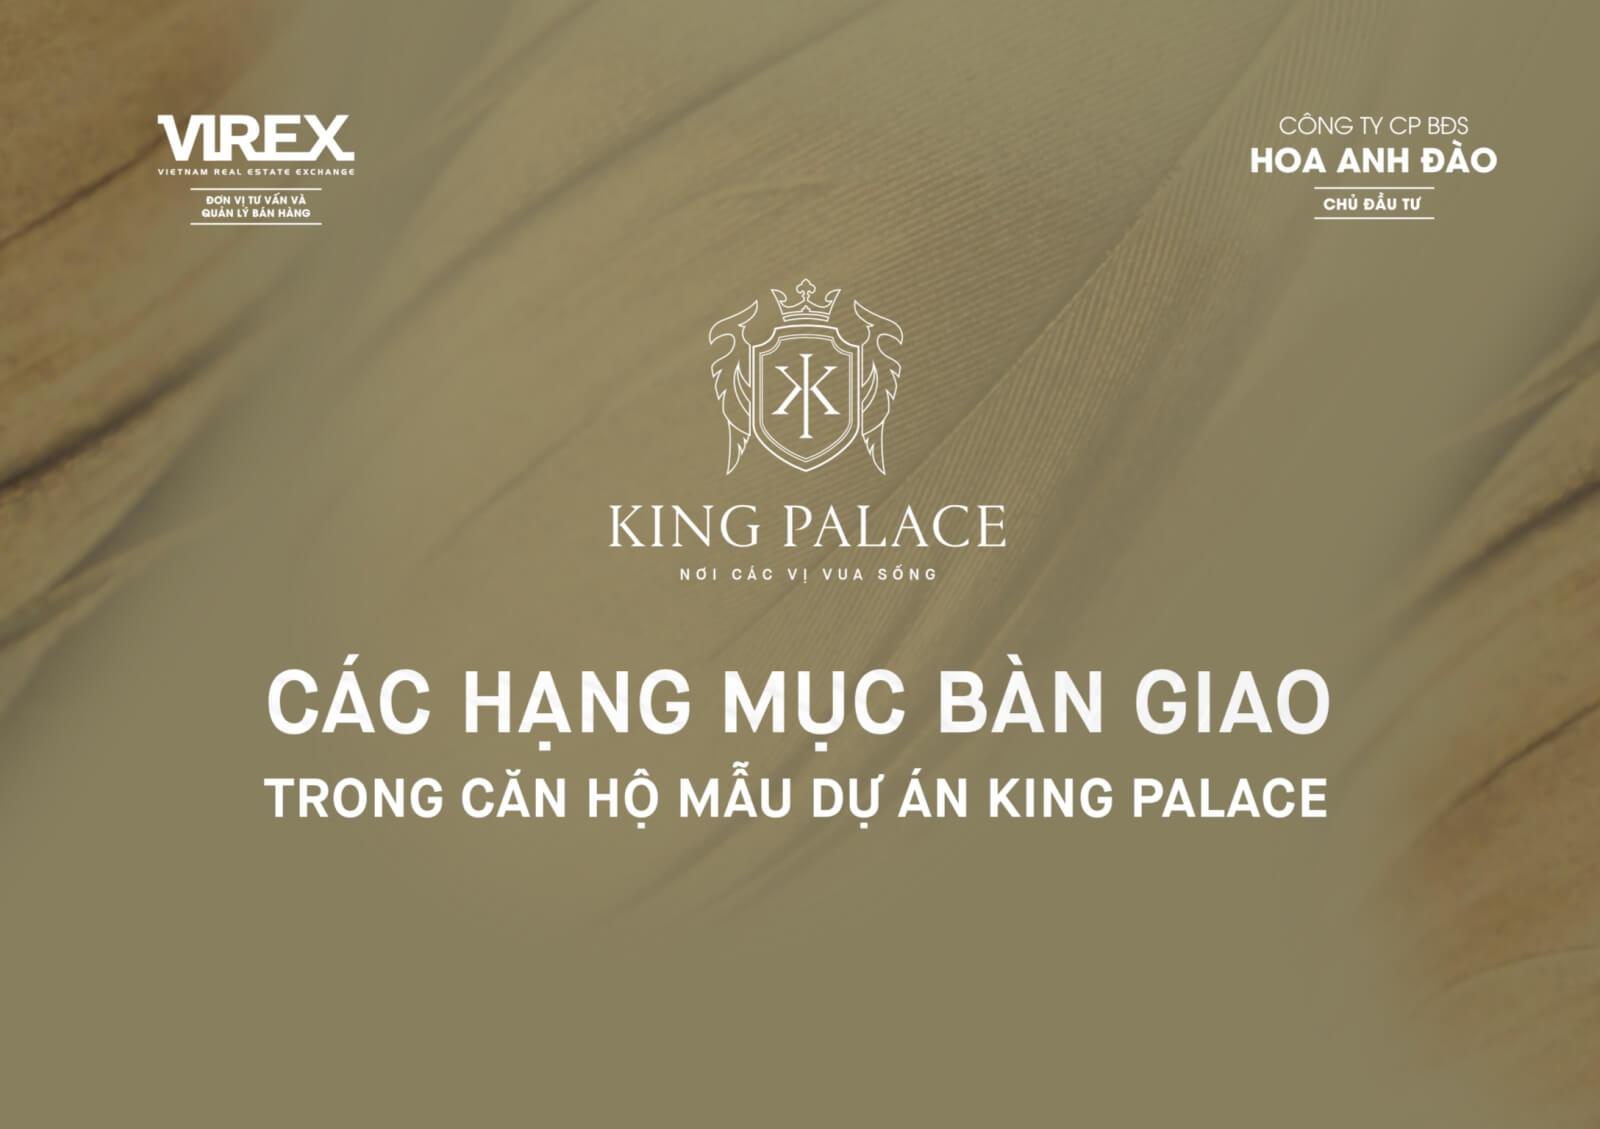 Các hạng mục bàn giao căn hộ King Palace